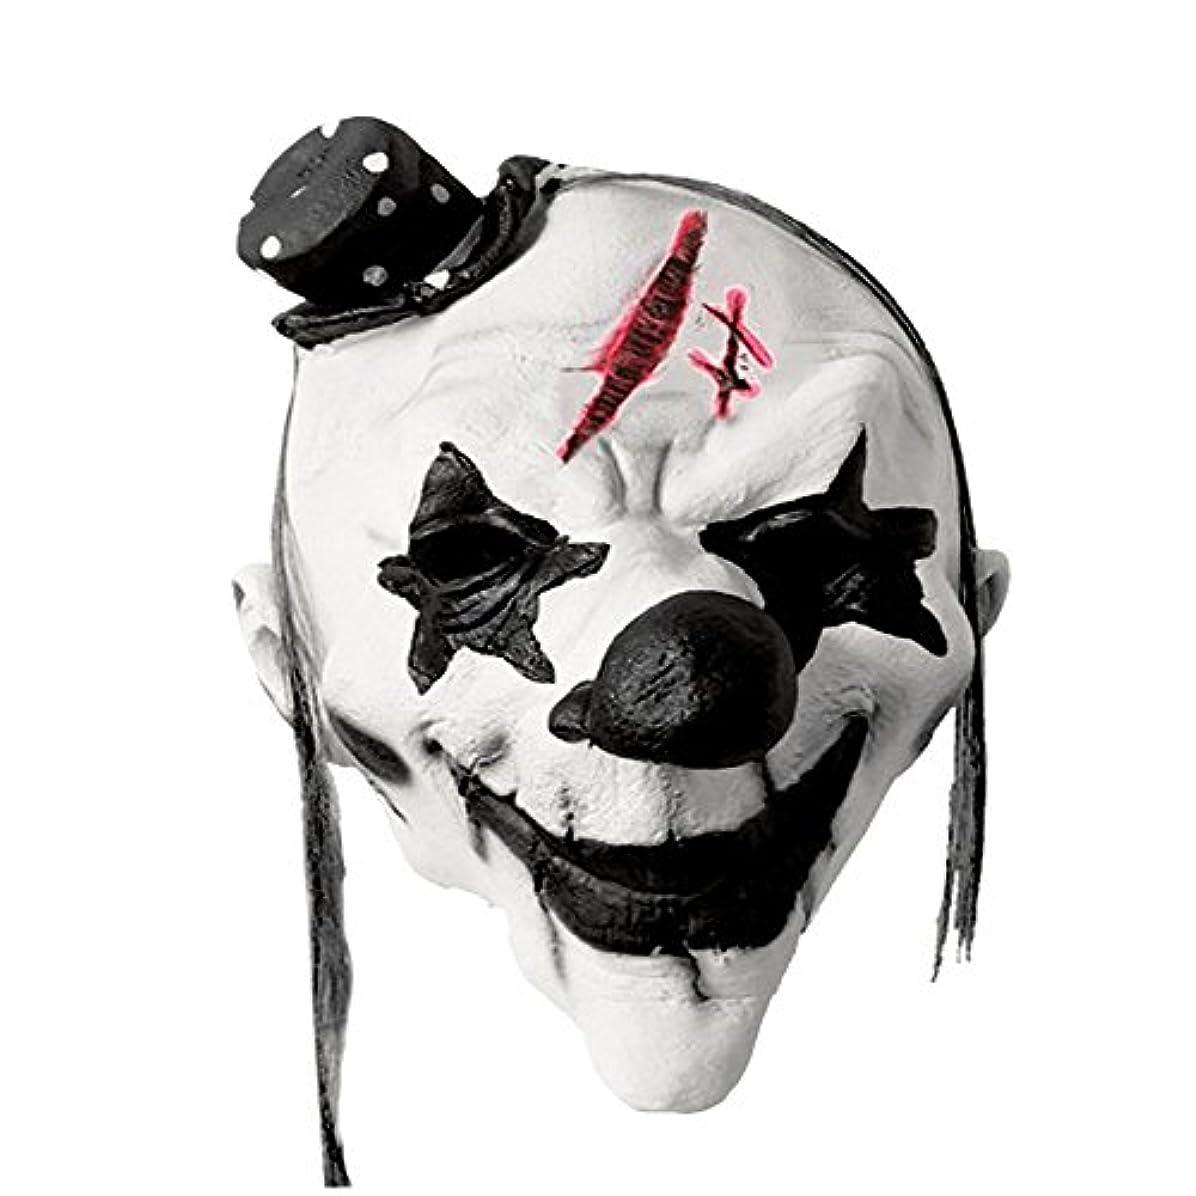 禁止する床ハンディハロウィーンの白黒の道化師のマスク/偽装のホラーマスクのプロムパフォーマンスショーは小道具の道化師のマスクをドレスアップ